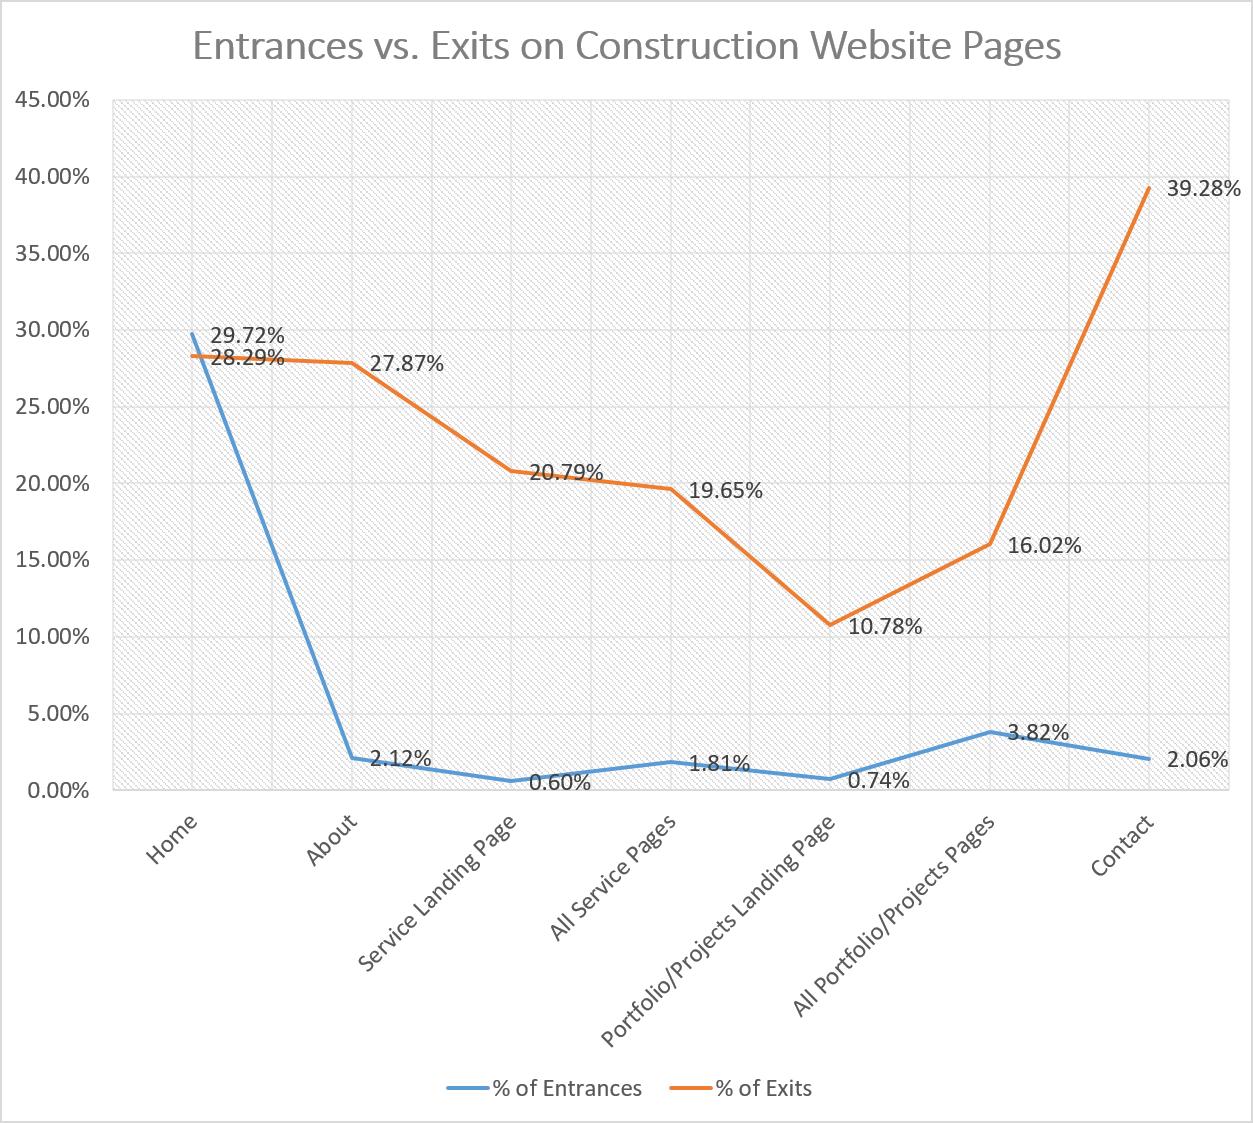 Entrances vs. Exits on Construction Website Pages